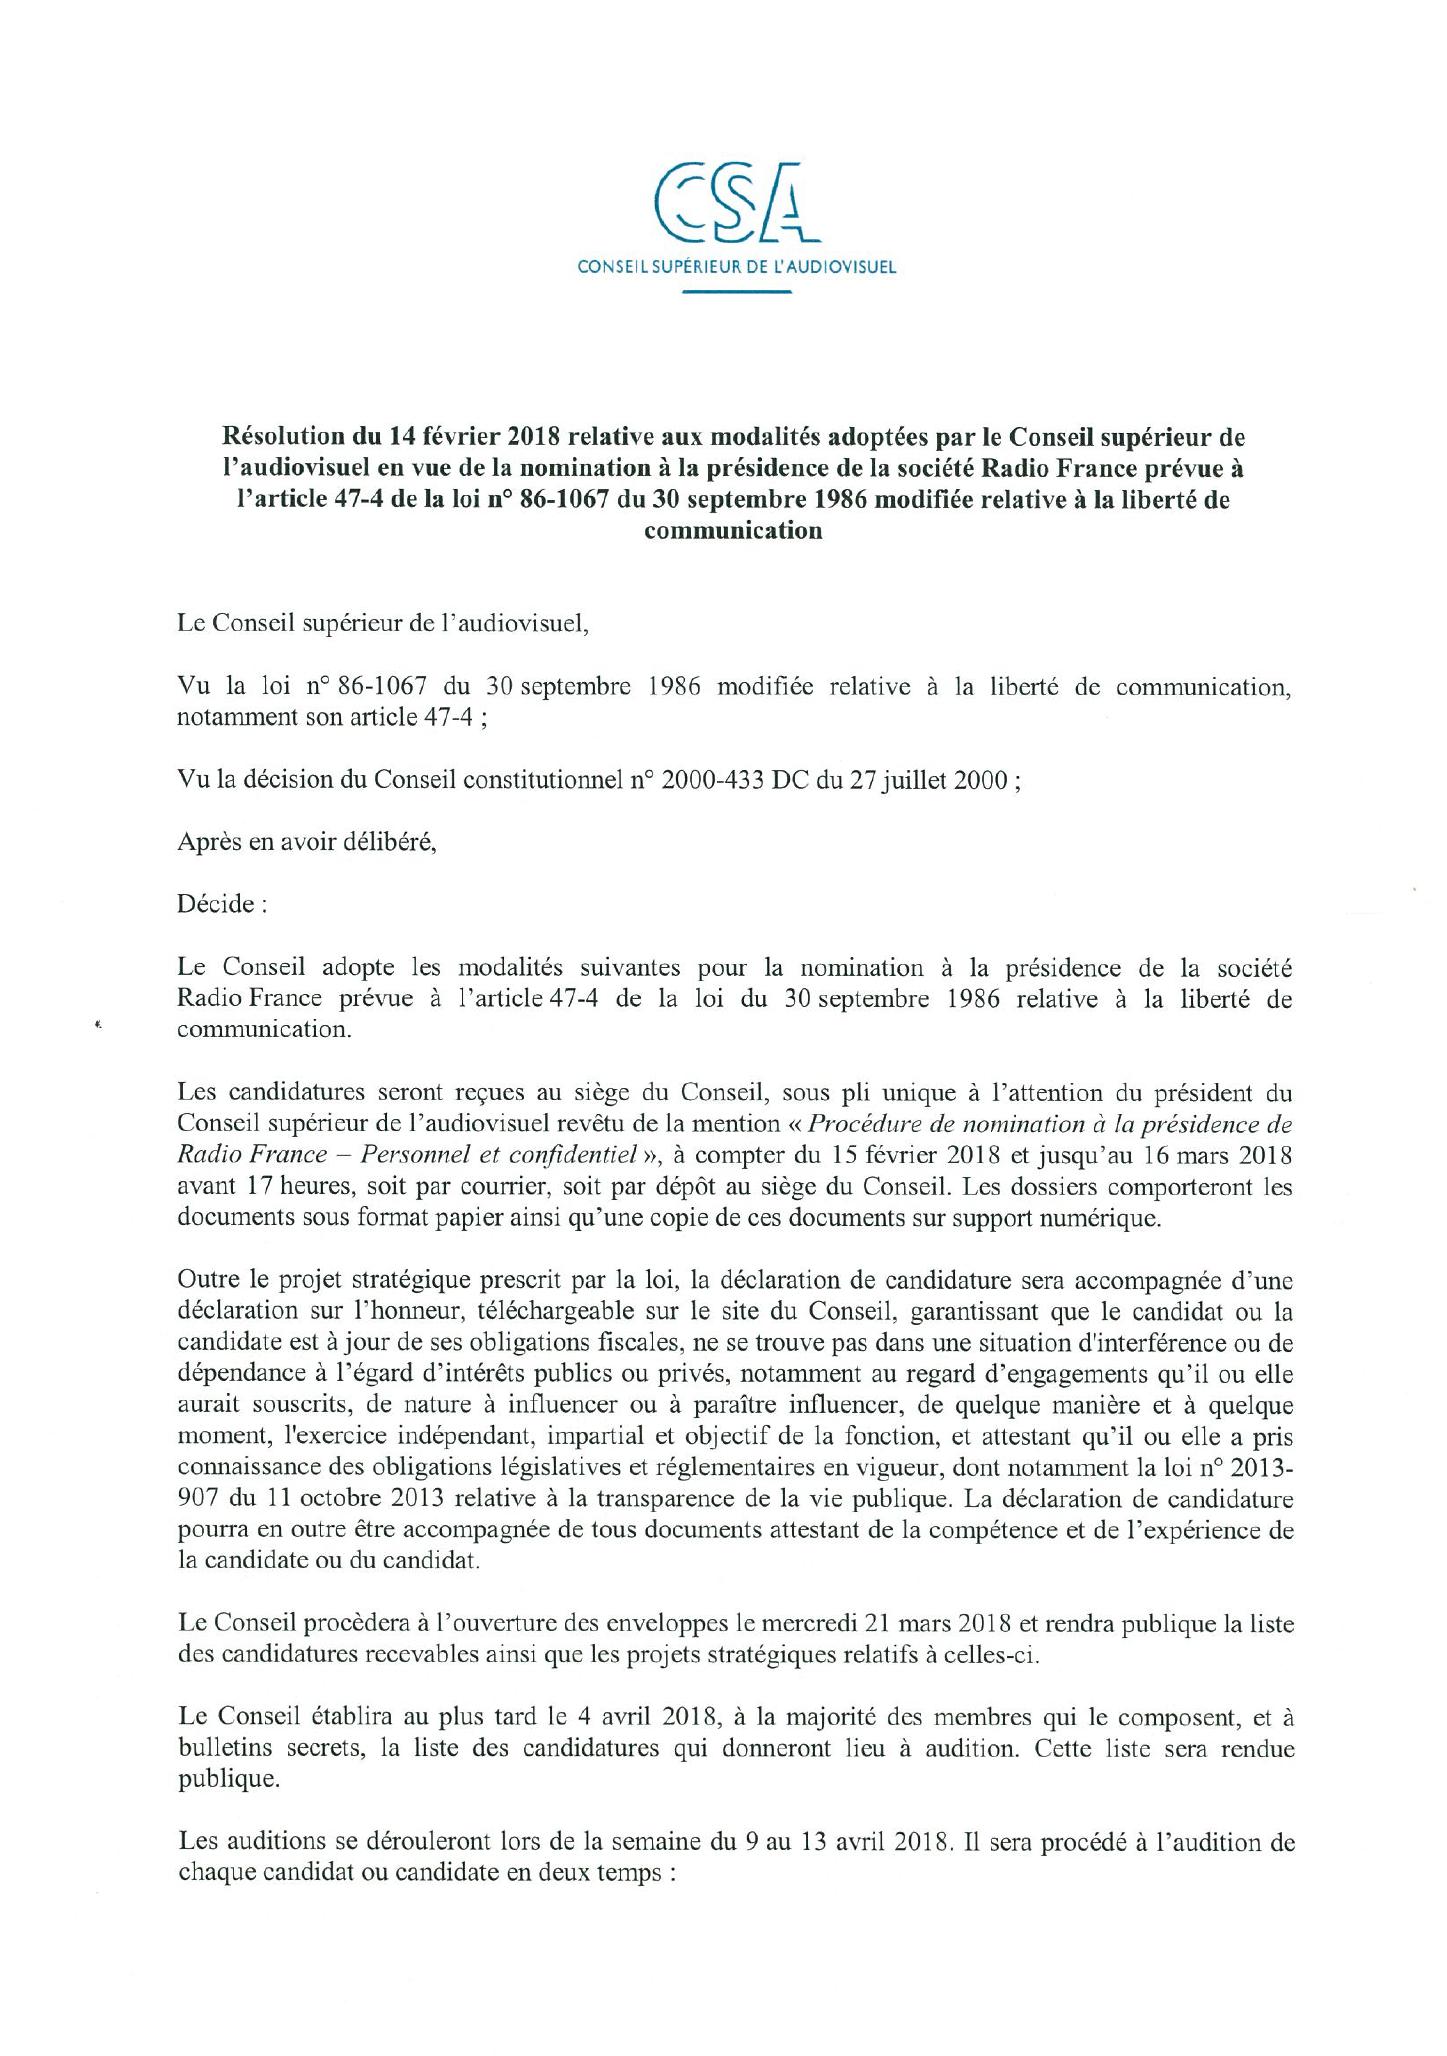 Un nouveau président à Radio France avant le 14 avril